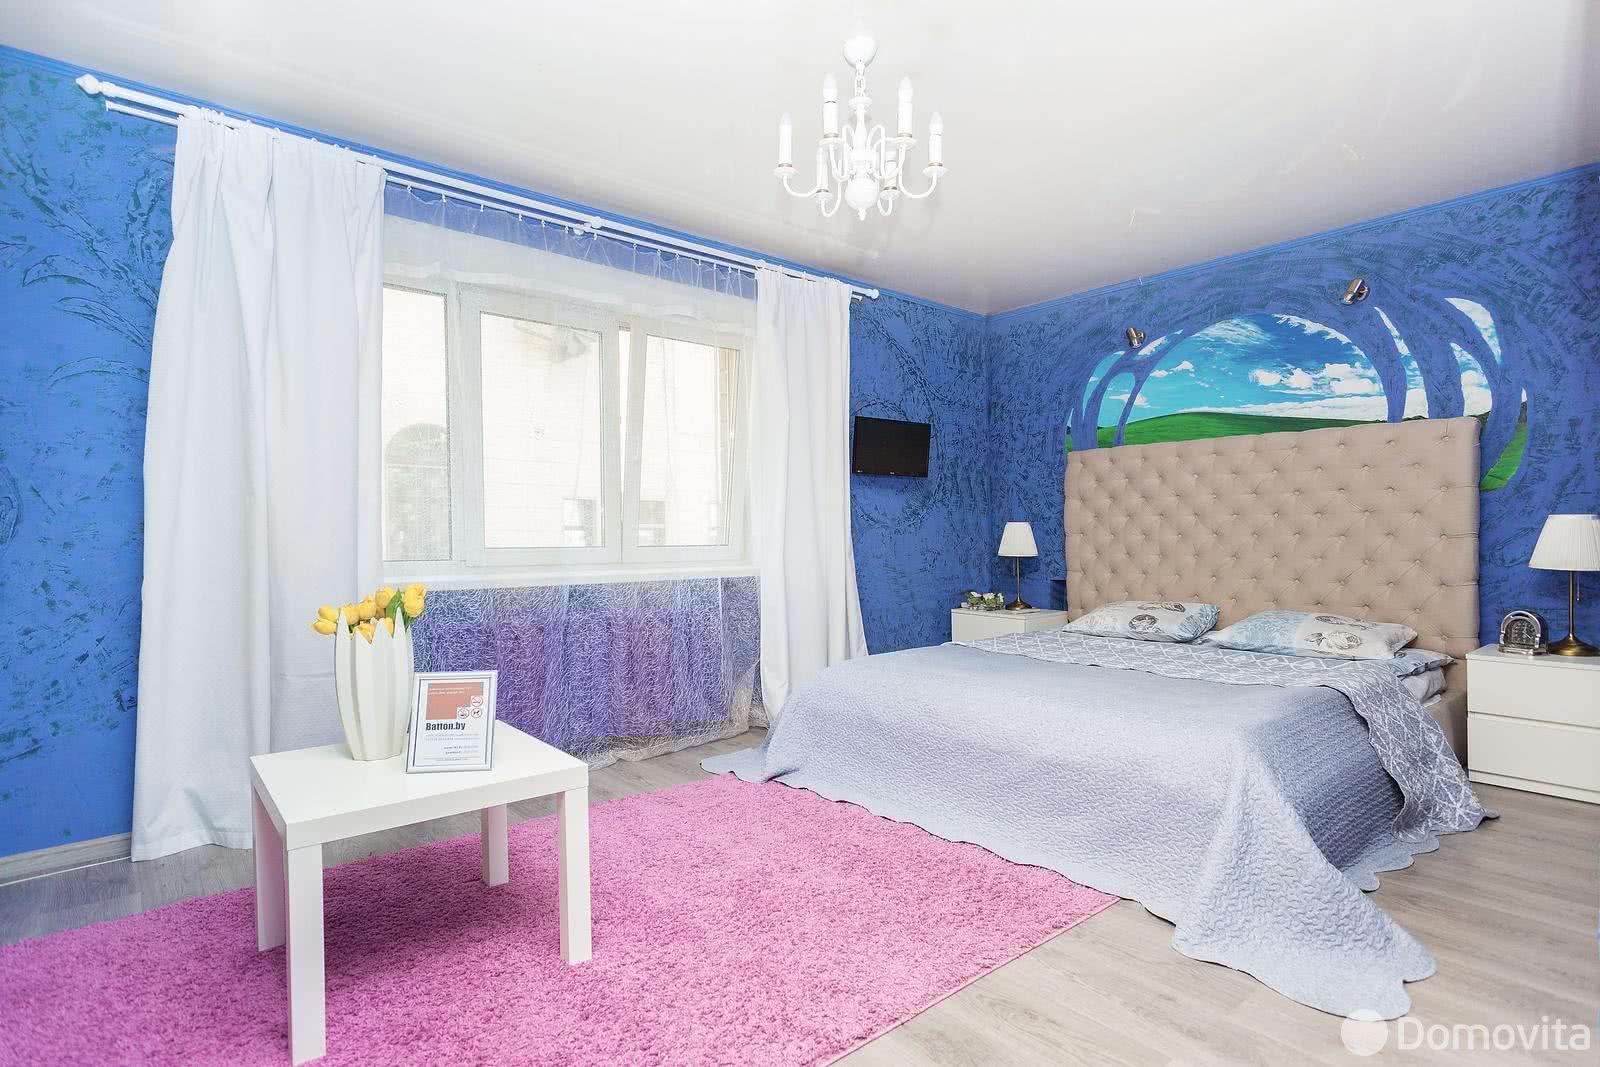 1-комнатная квартира на сутки в Минске ул. Городской Вал, д. 9 - фото 4